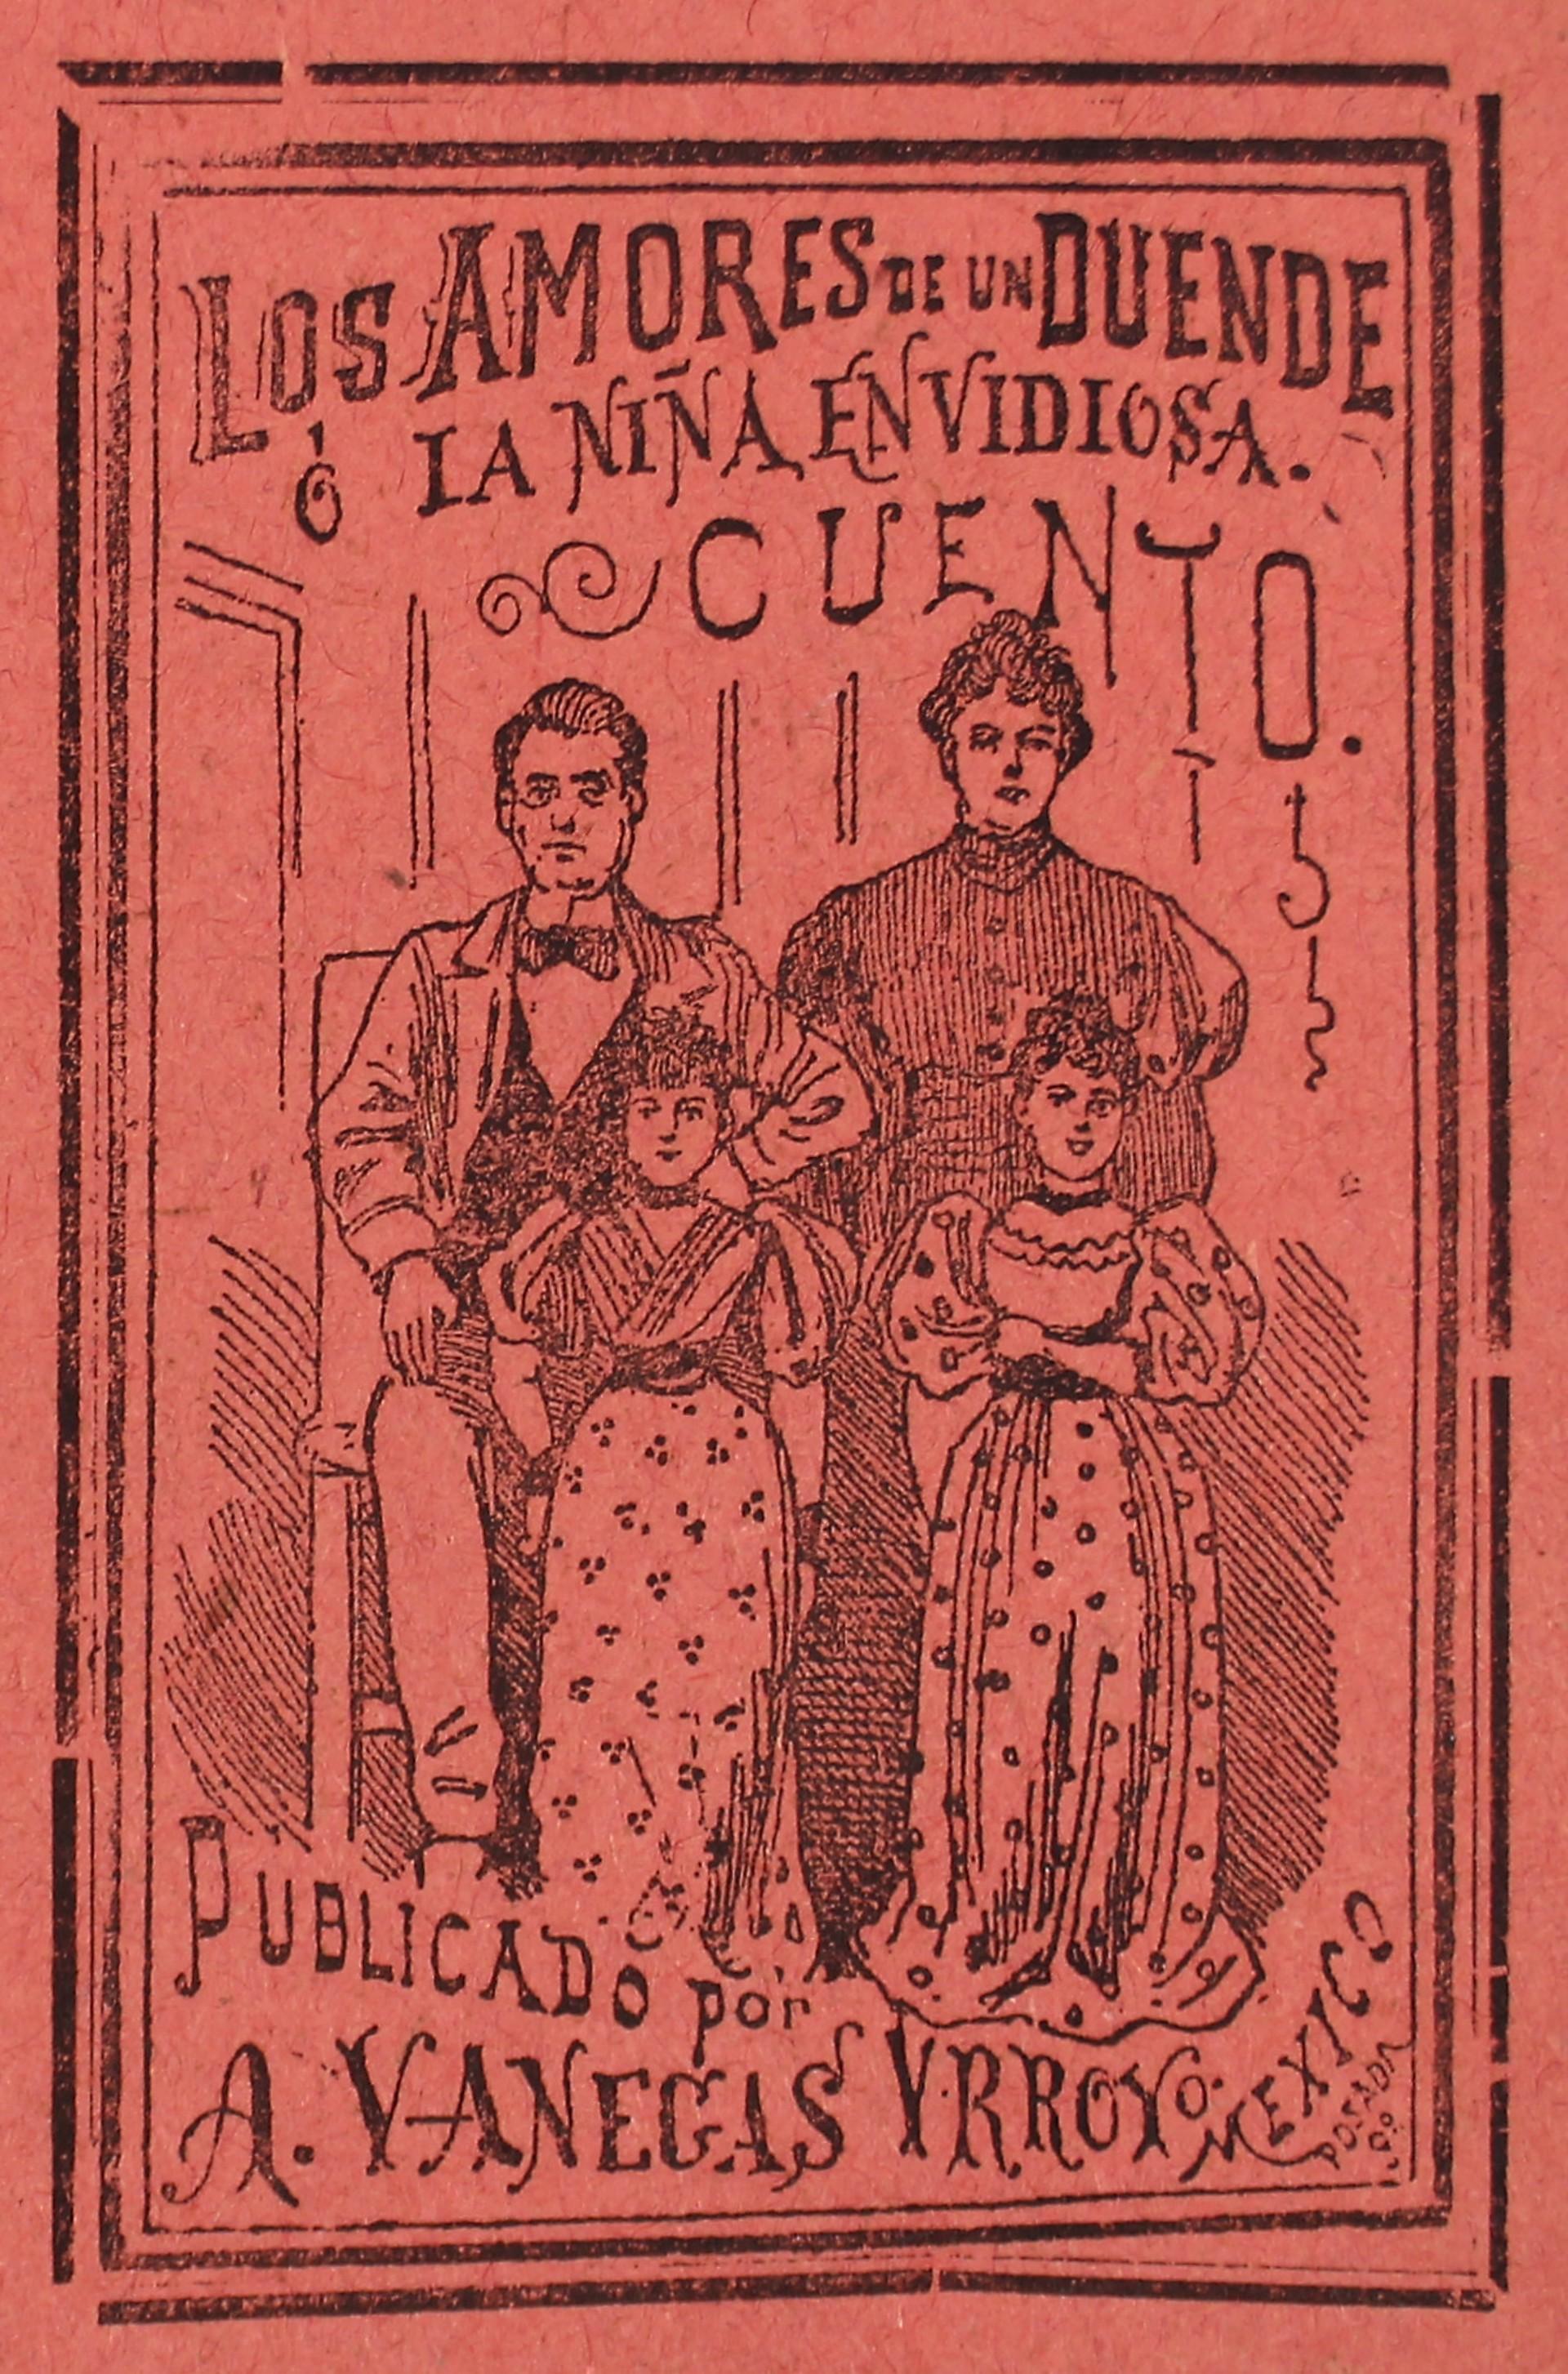 Los Amores de un Duende y La Nina Envidiosa by José Guadalupe Posada (1852 - 1913)